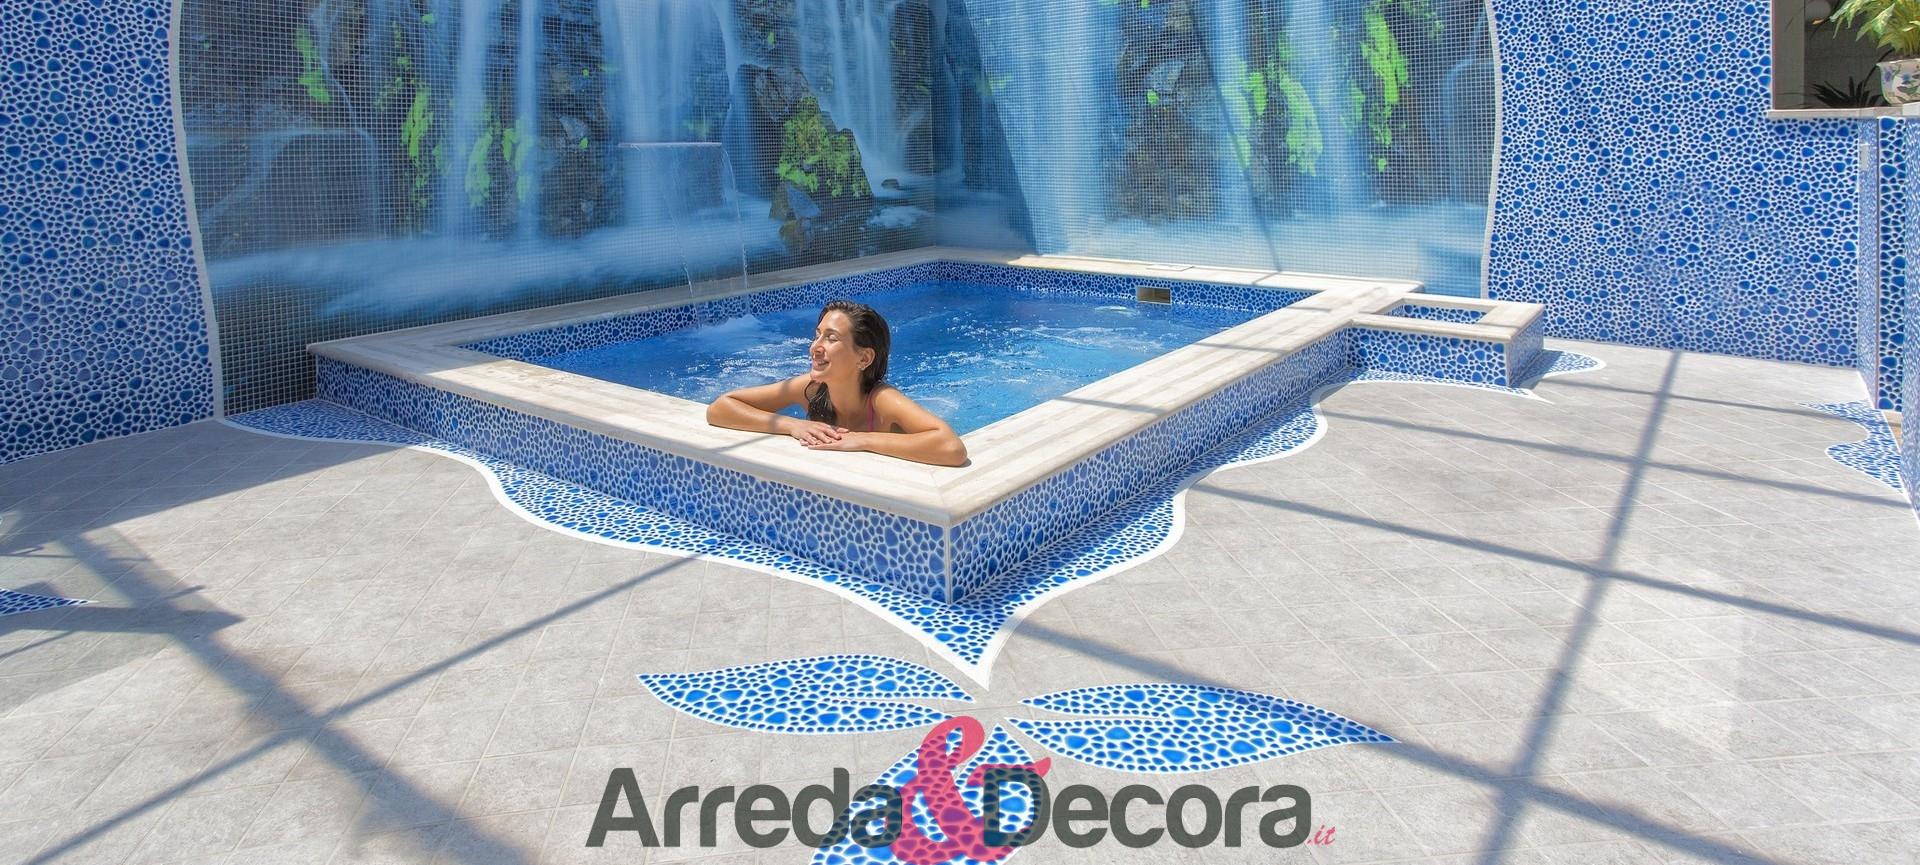 ArredaeDecora – Mosaici per bagni e piscine di pregio, lavabi e accessori. Header